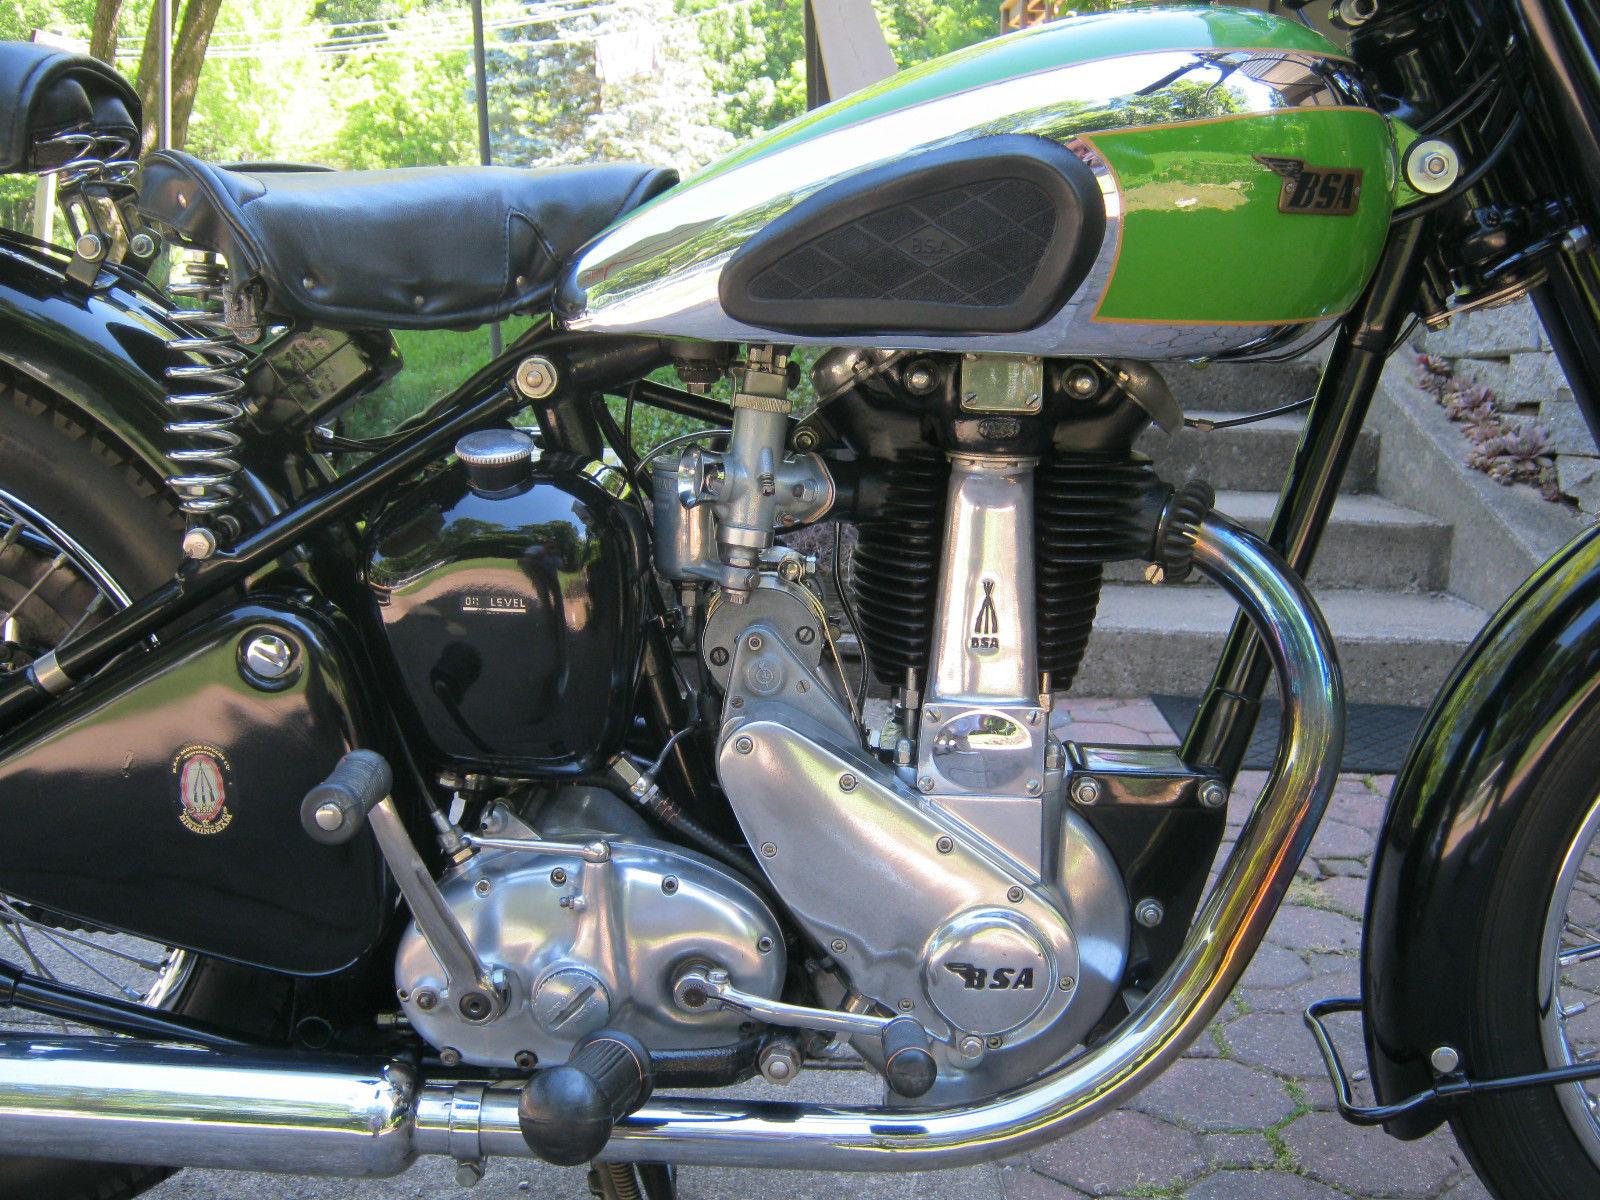 BSA B31 - 1950